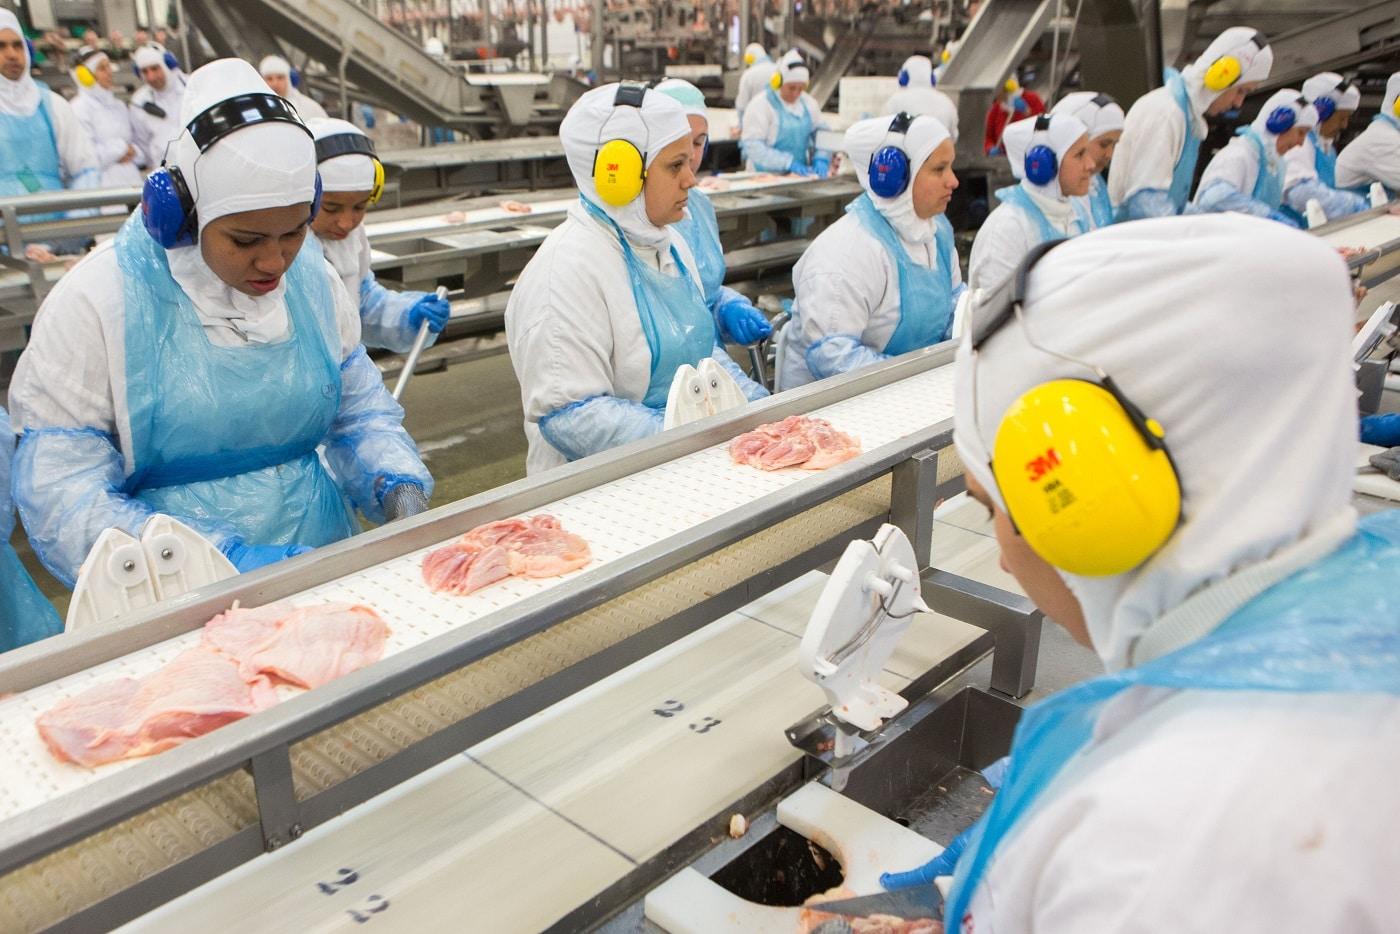 Só 41% das mulheres, com filhos menores de 1 ano, conseguem continuar empregadas. Foto Rodrigo Fonseca/AFP